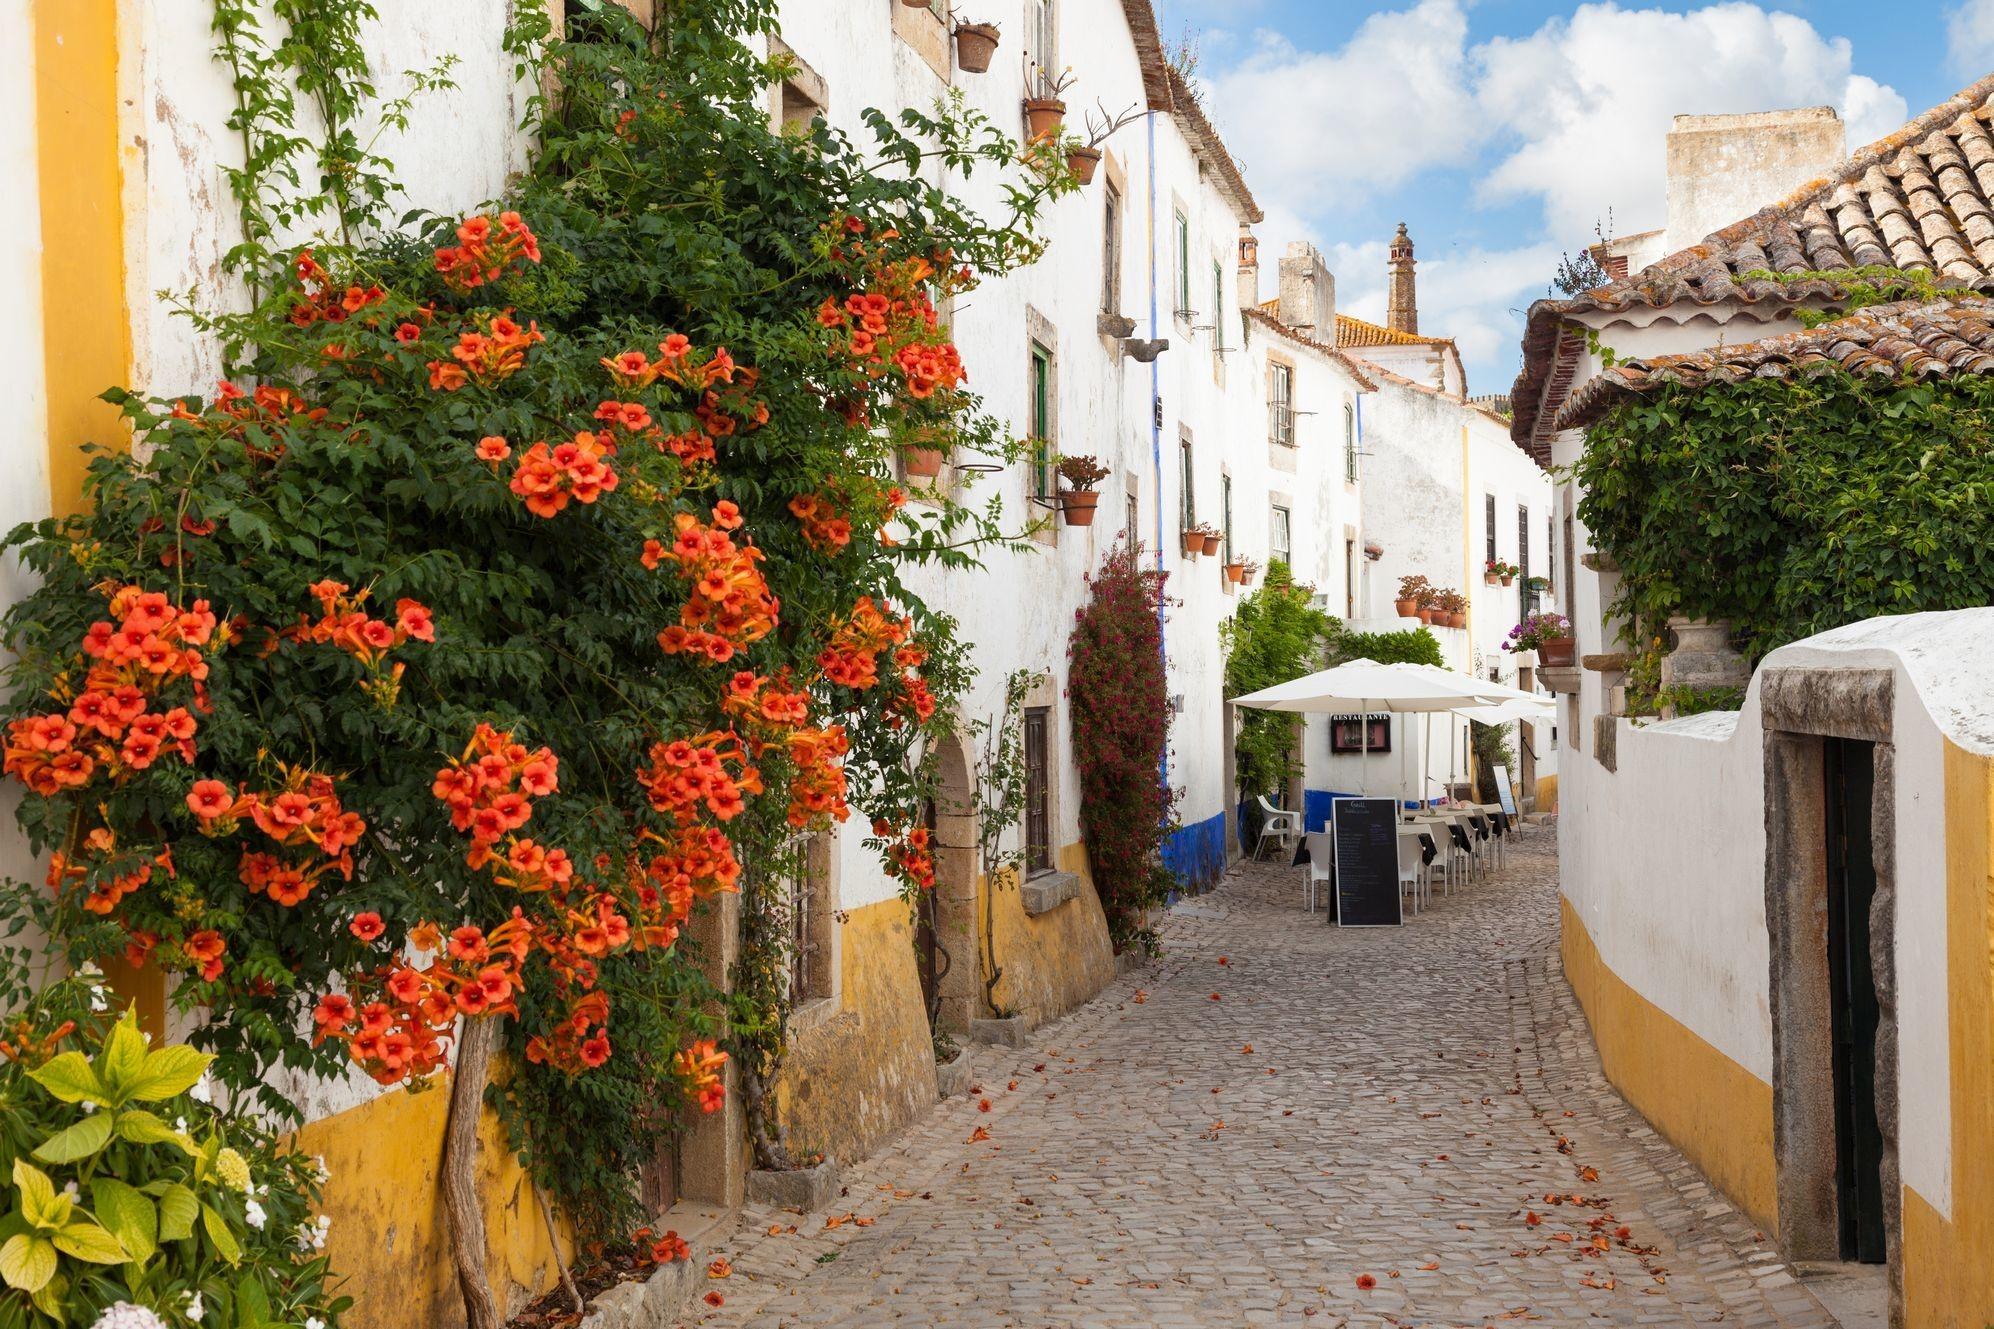 Góc phố lãng mạn tại Óbido